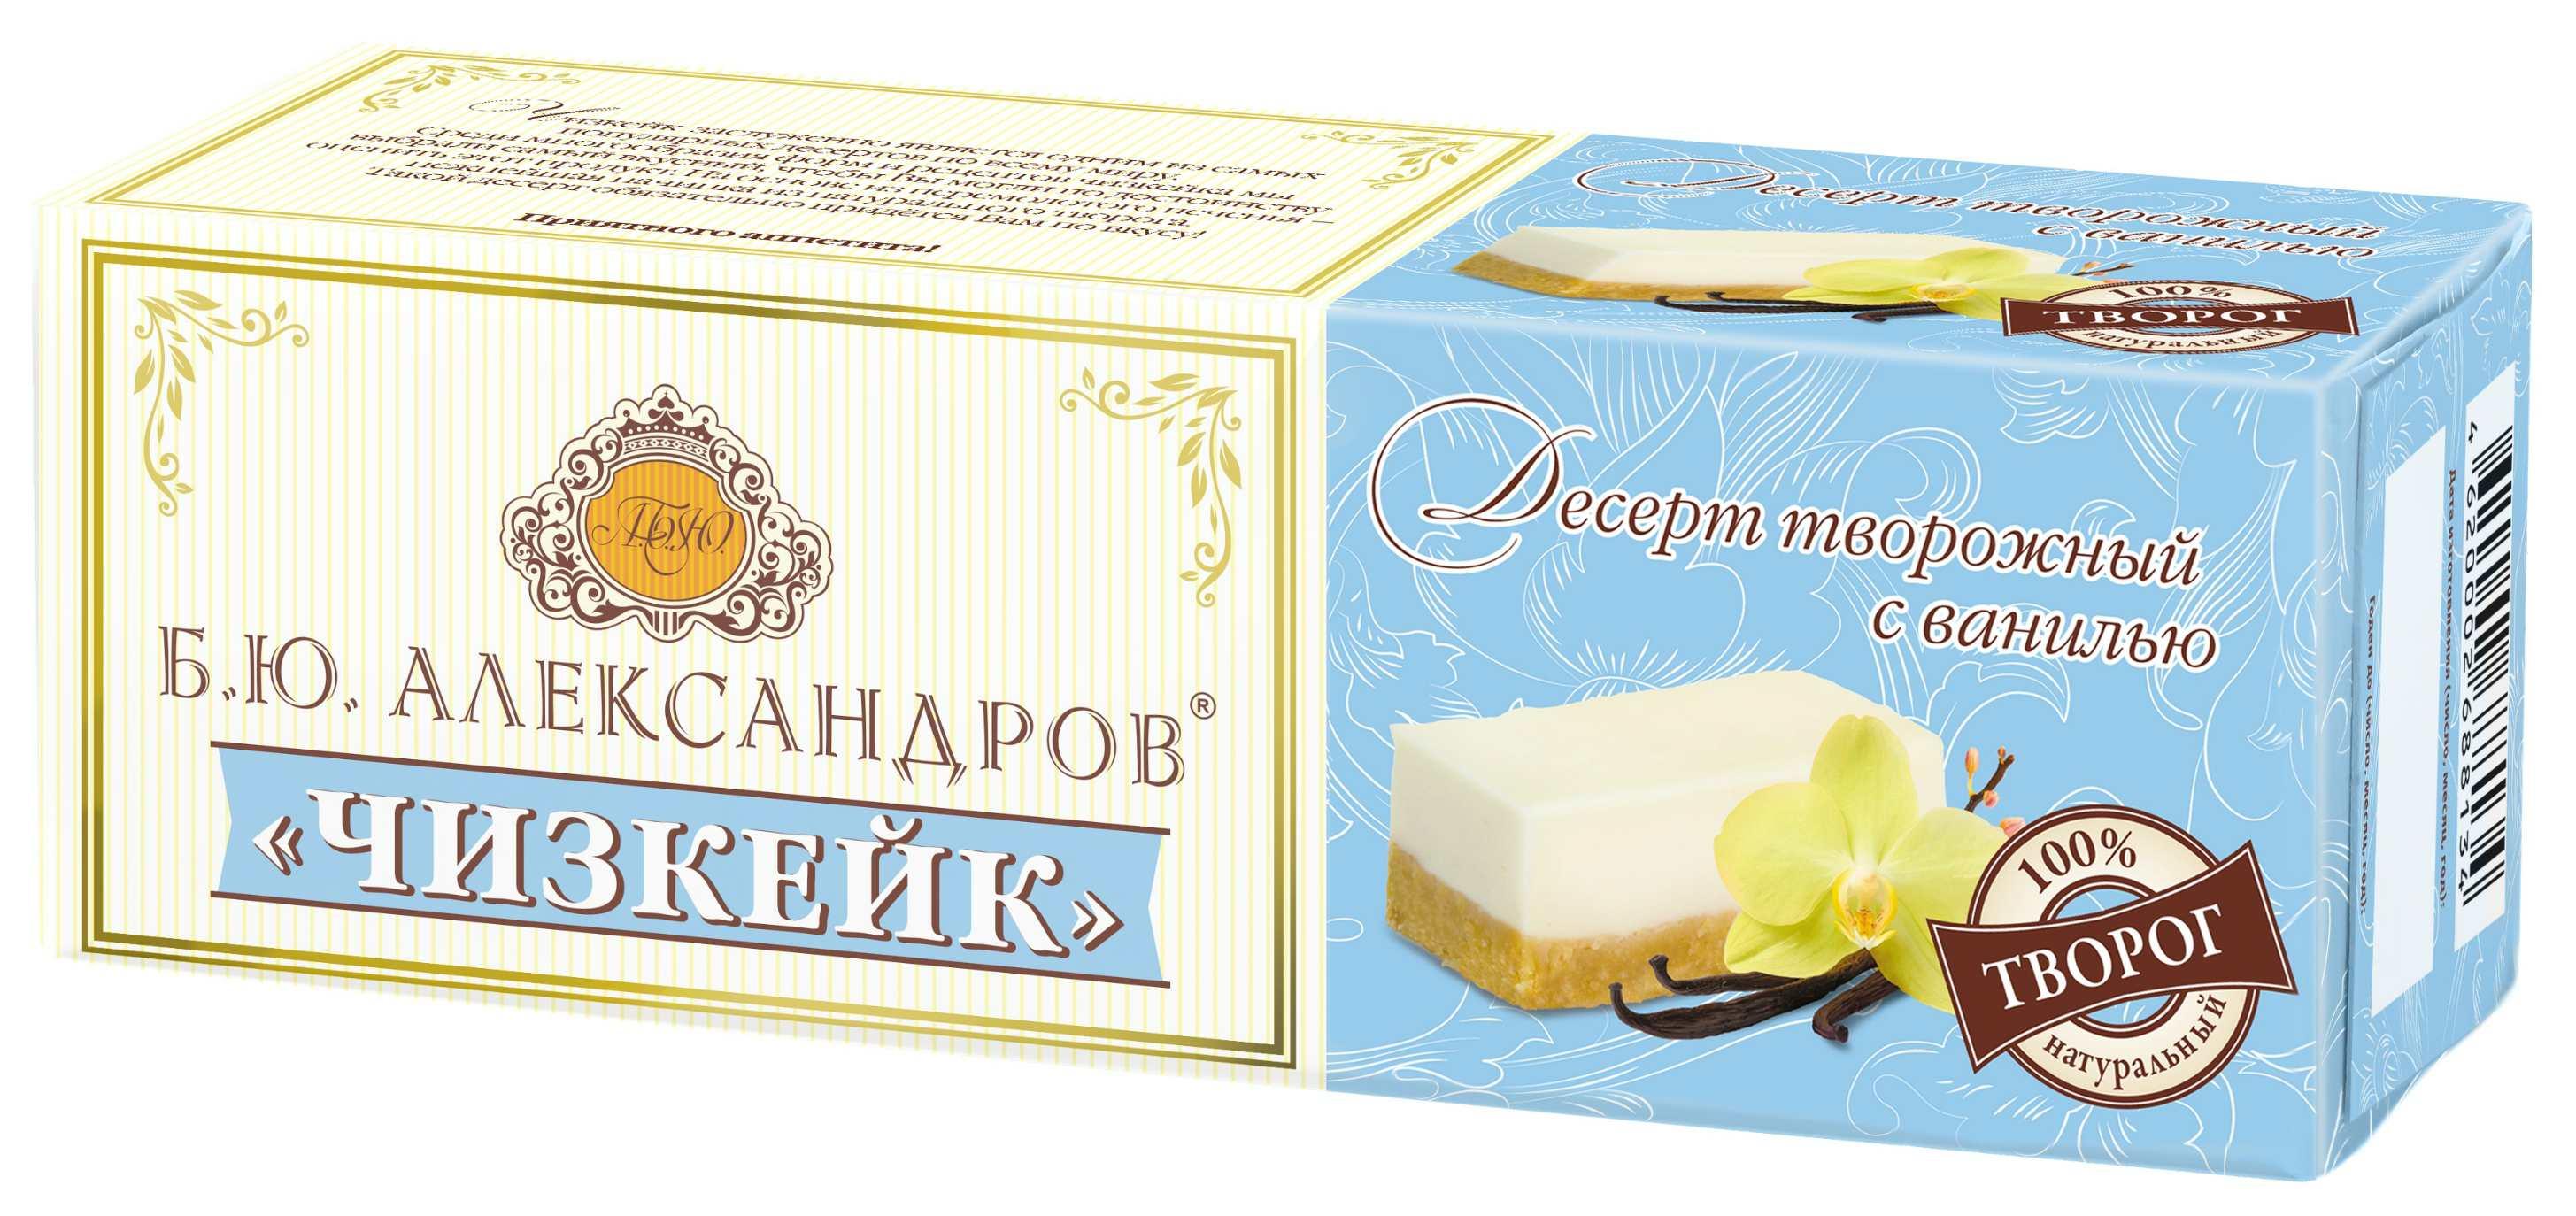 БЕЗ БРЭНДА БЗМЖ Десерт творожный с ванилью Чизкейк Б.Ю.Александров